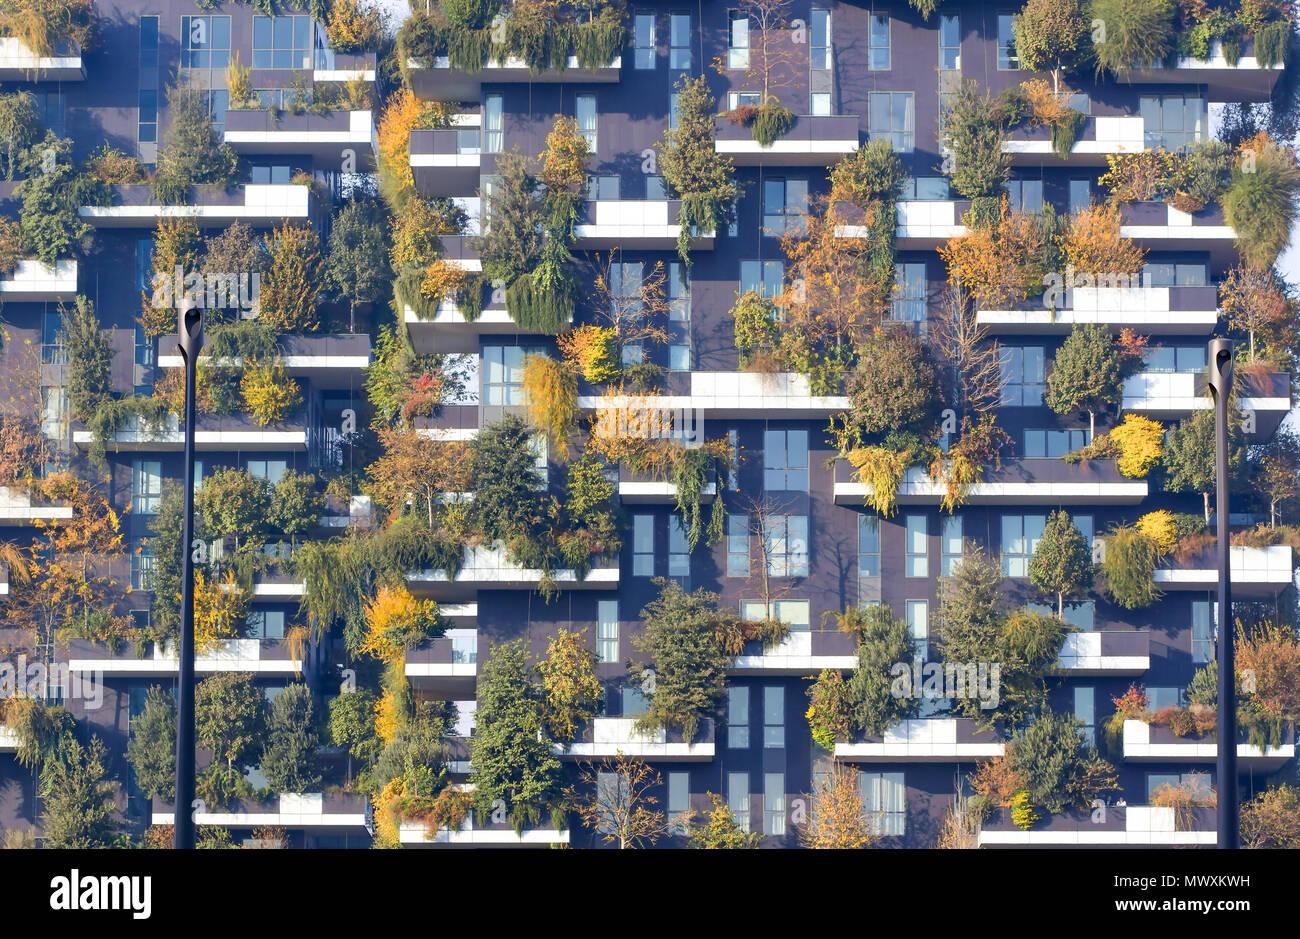 Nuovo E Moderno Appartamento Con Alberi Che Crescono Sui Balconi